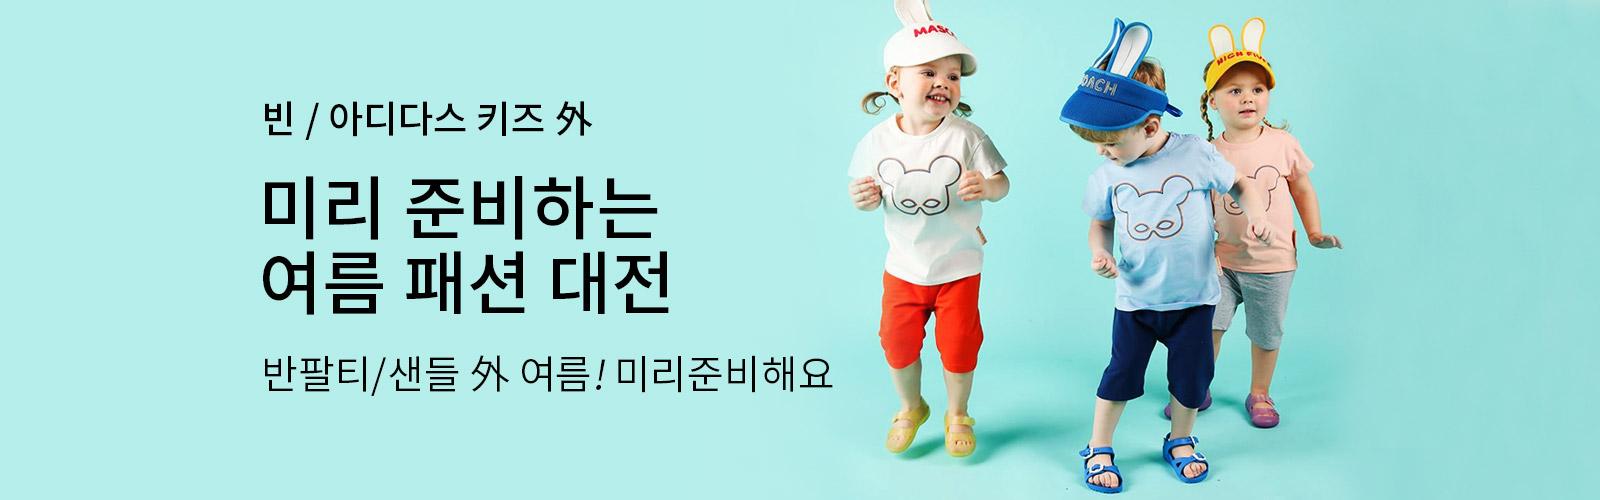 빈 아디다스 키즈 외 미리 준비하는 여름 패션 대전 반팔티 샌들 외 여름 미리 준비해요